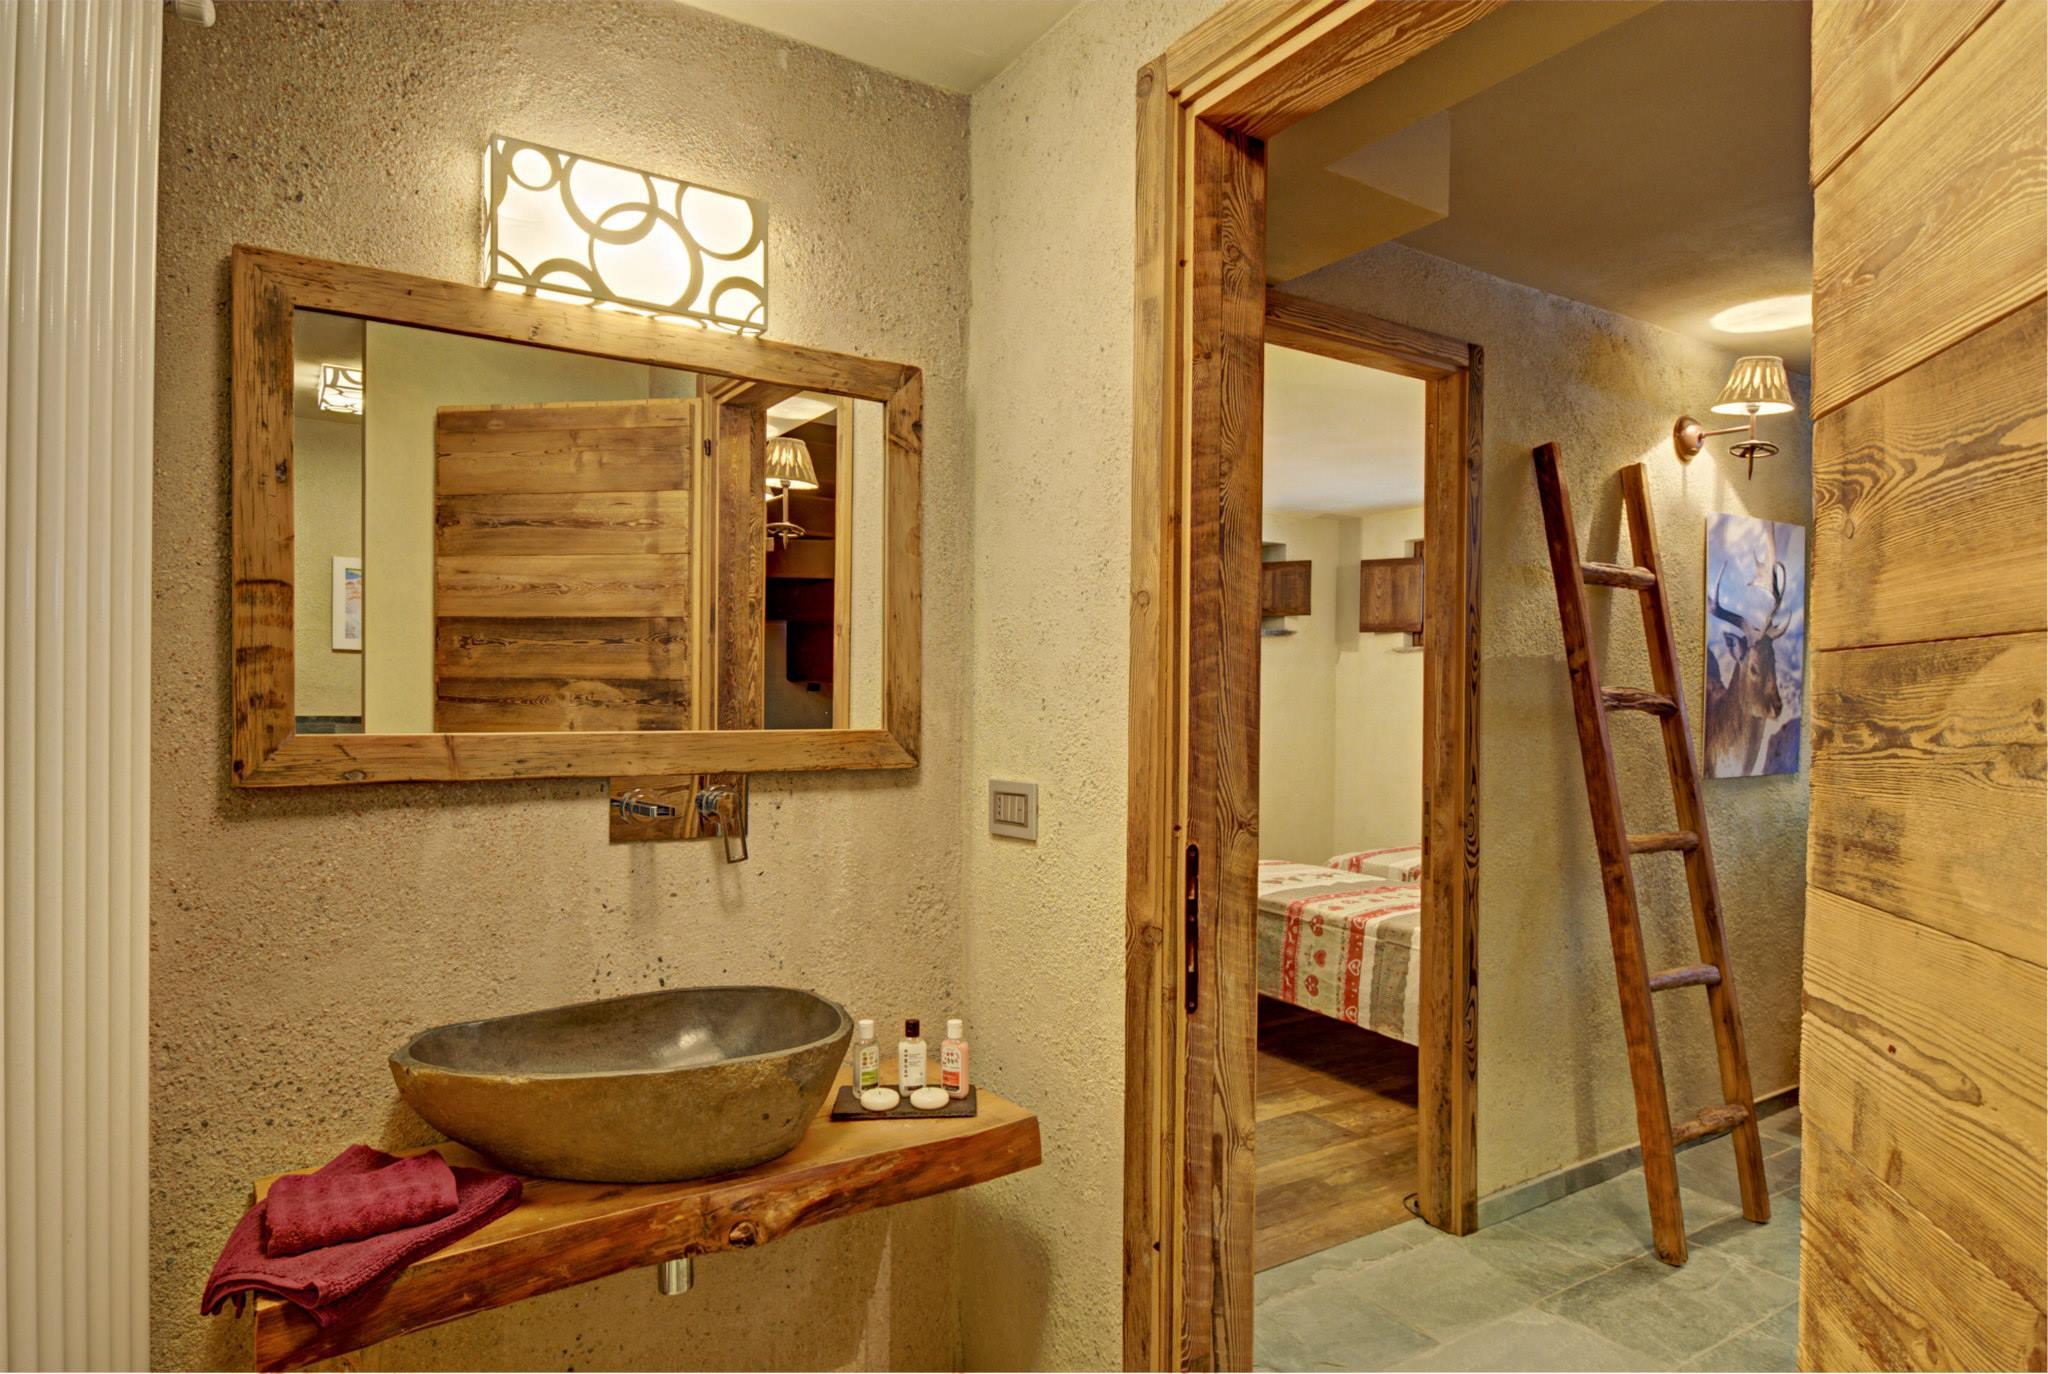 Dise o de interiores r stico uso de madera y piedra - Habitacion de madera ...